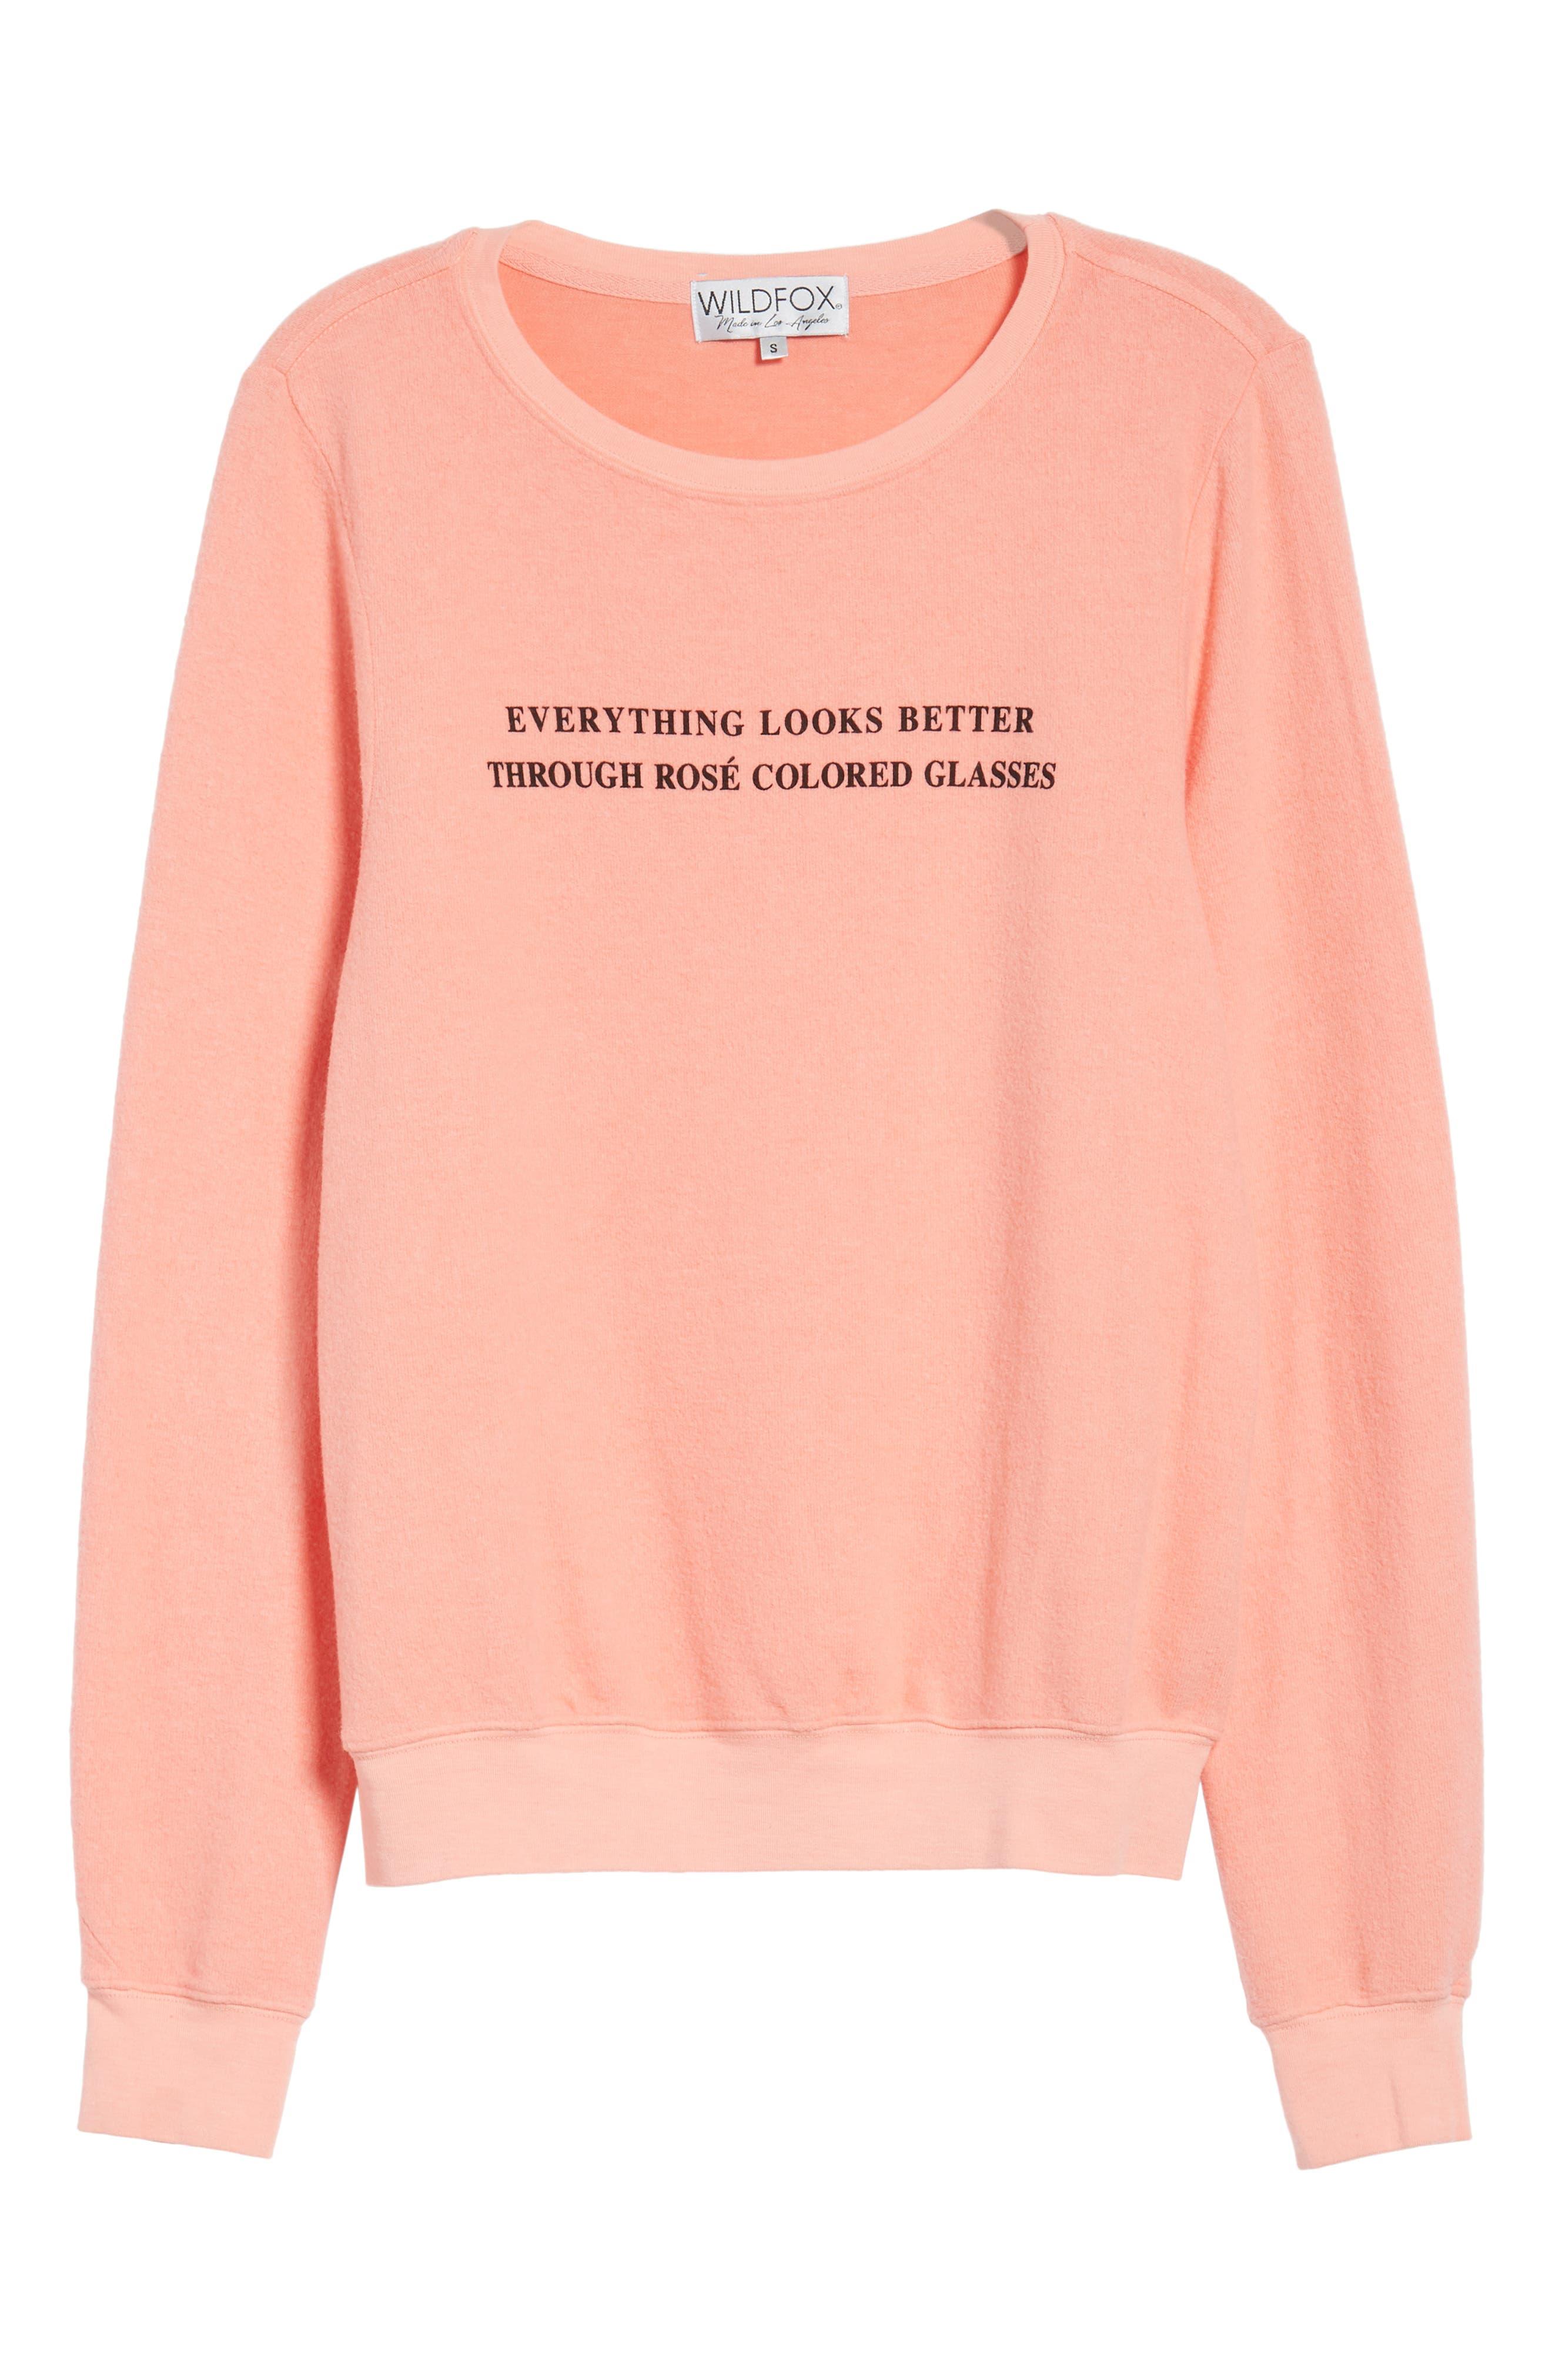 Rosé Glasses Beach Sweatshirt,                             Alternate thumbnail 7, color,                             Coral